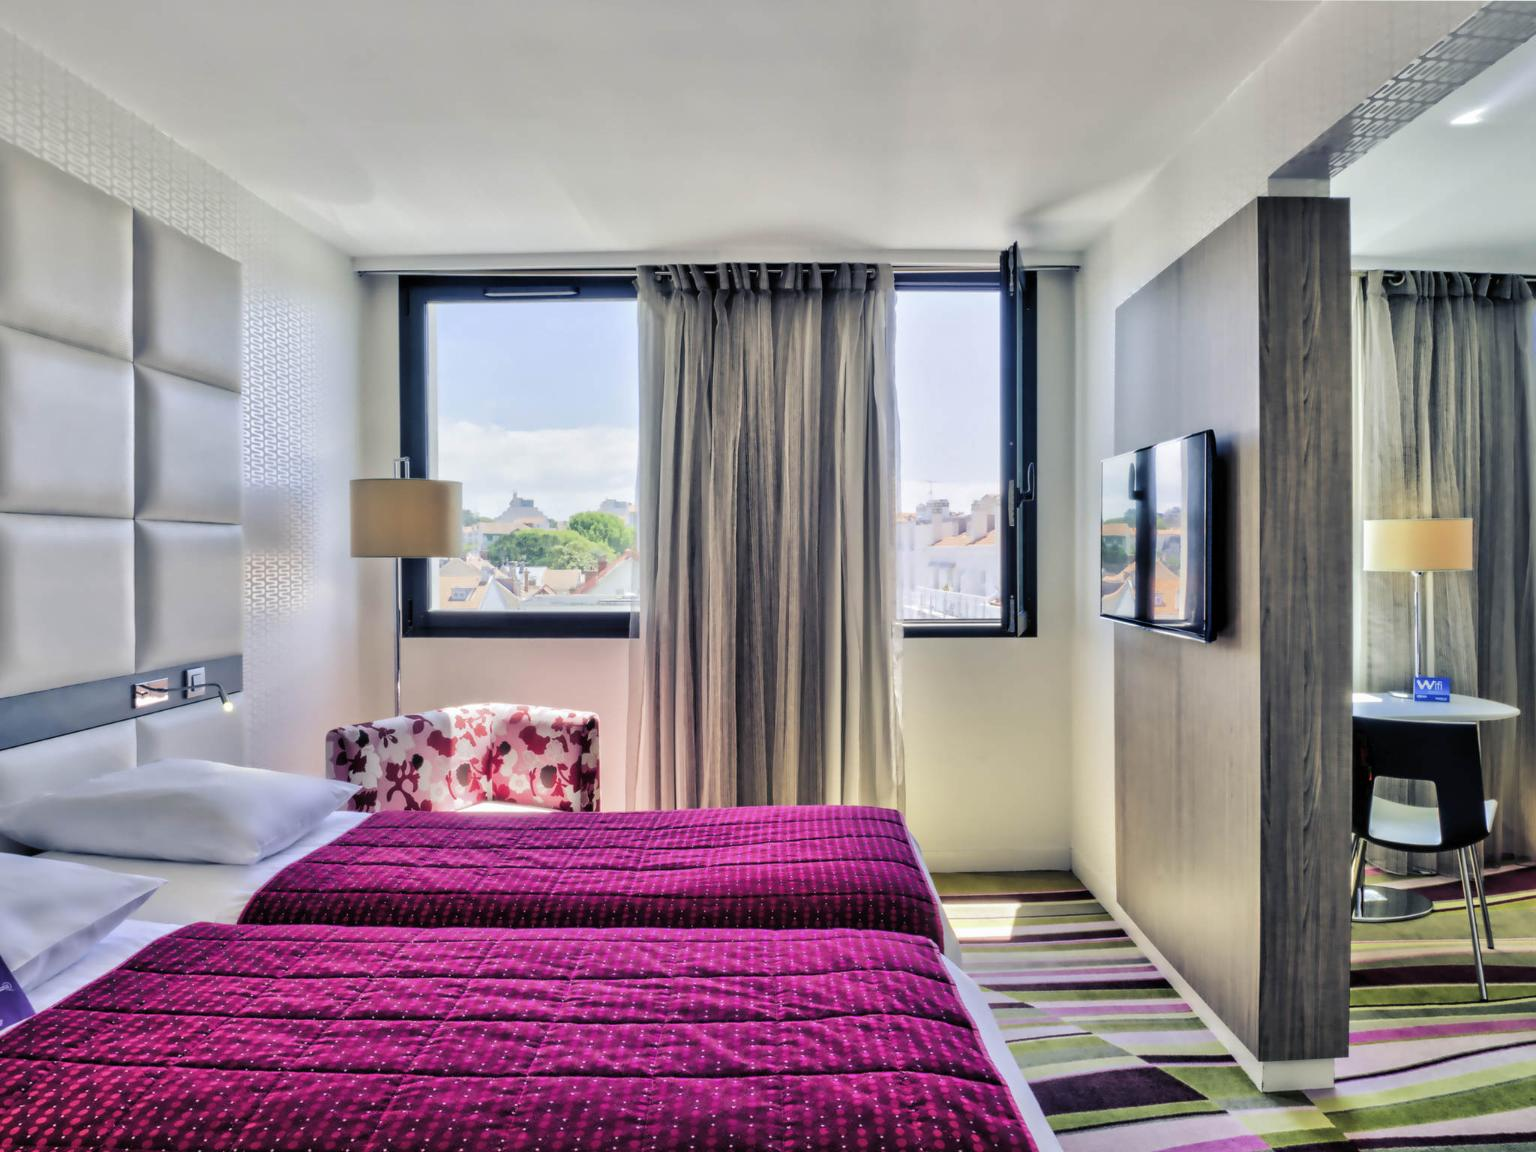 H tel mercure le pr sident biarritz centre h tel 18 - Hotel de la plage biarritz 3 esplanade du port vieux ...